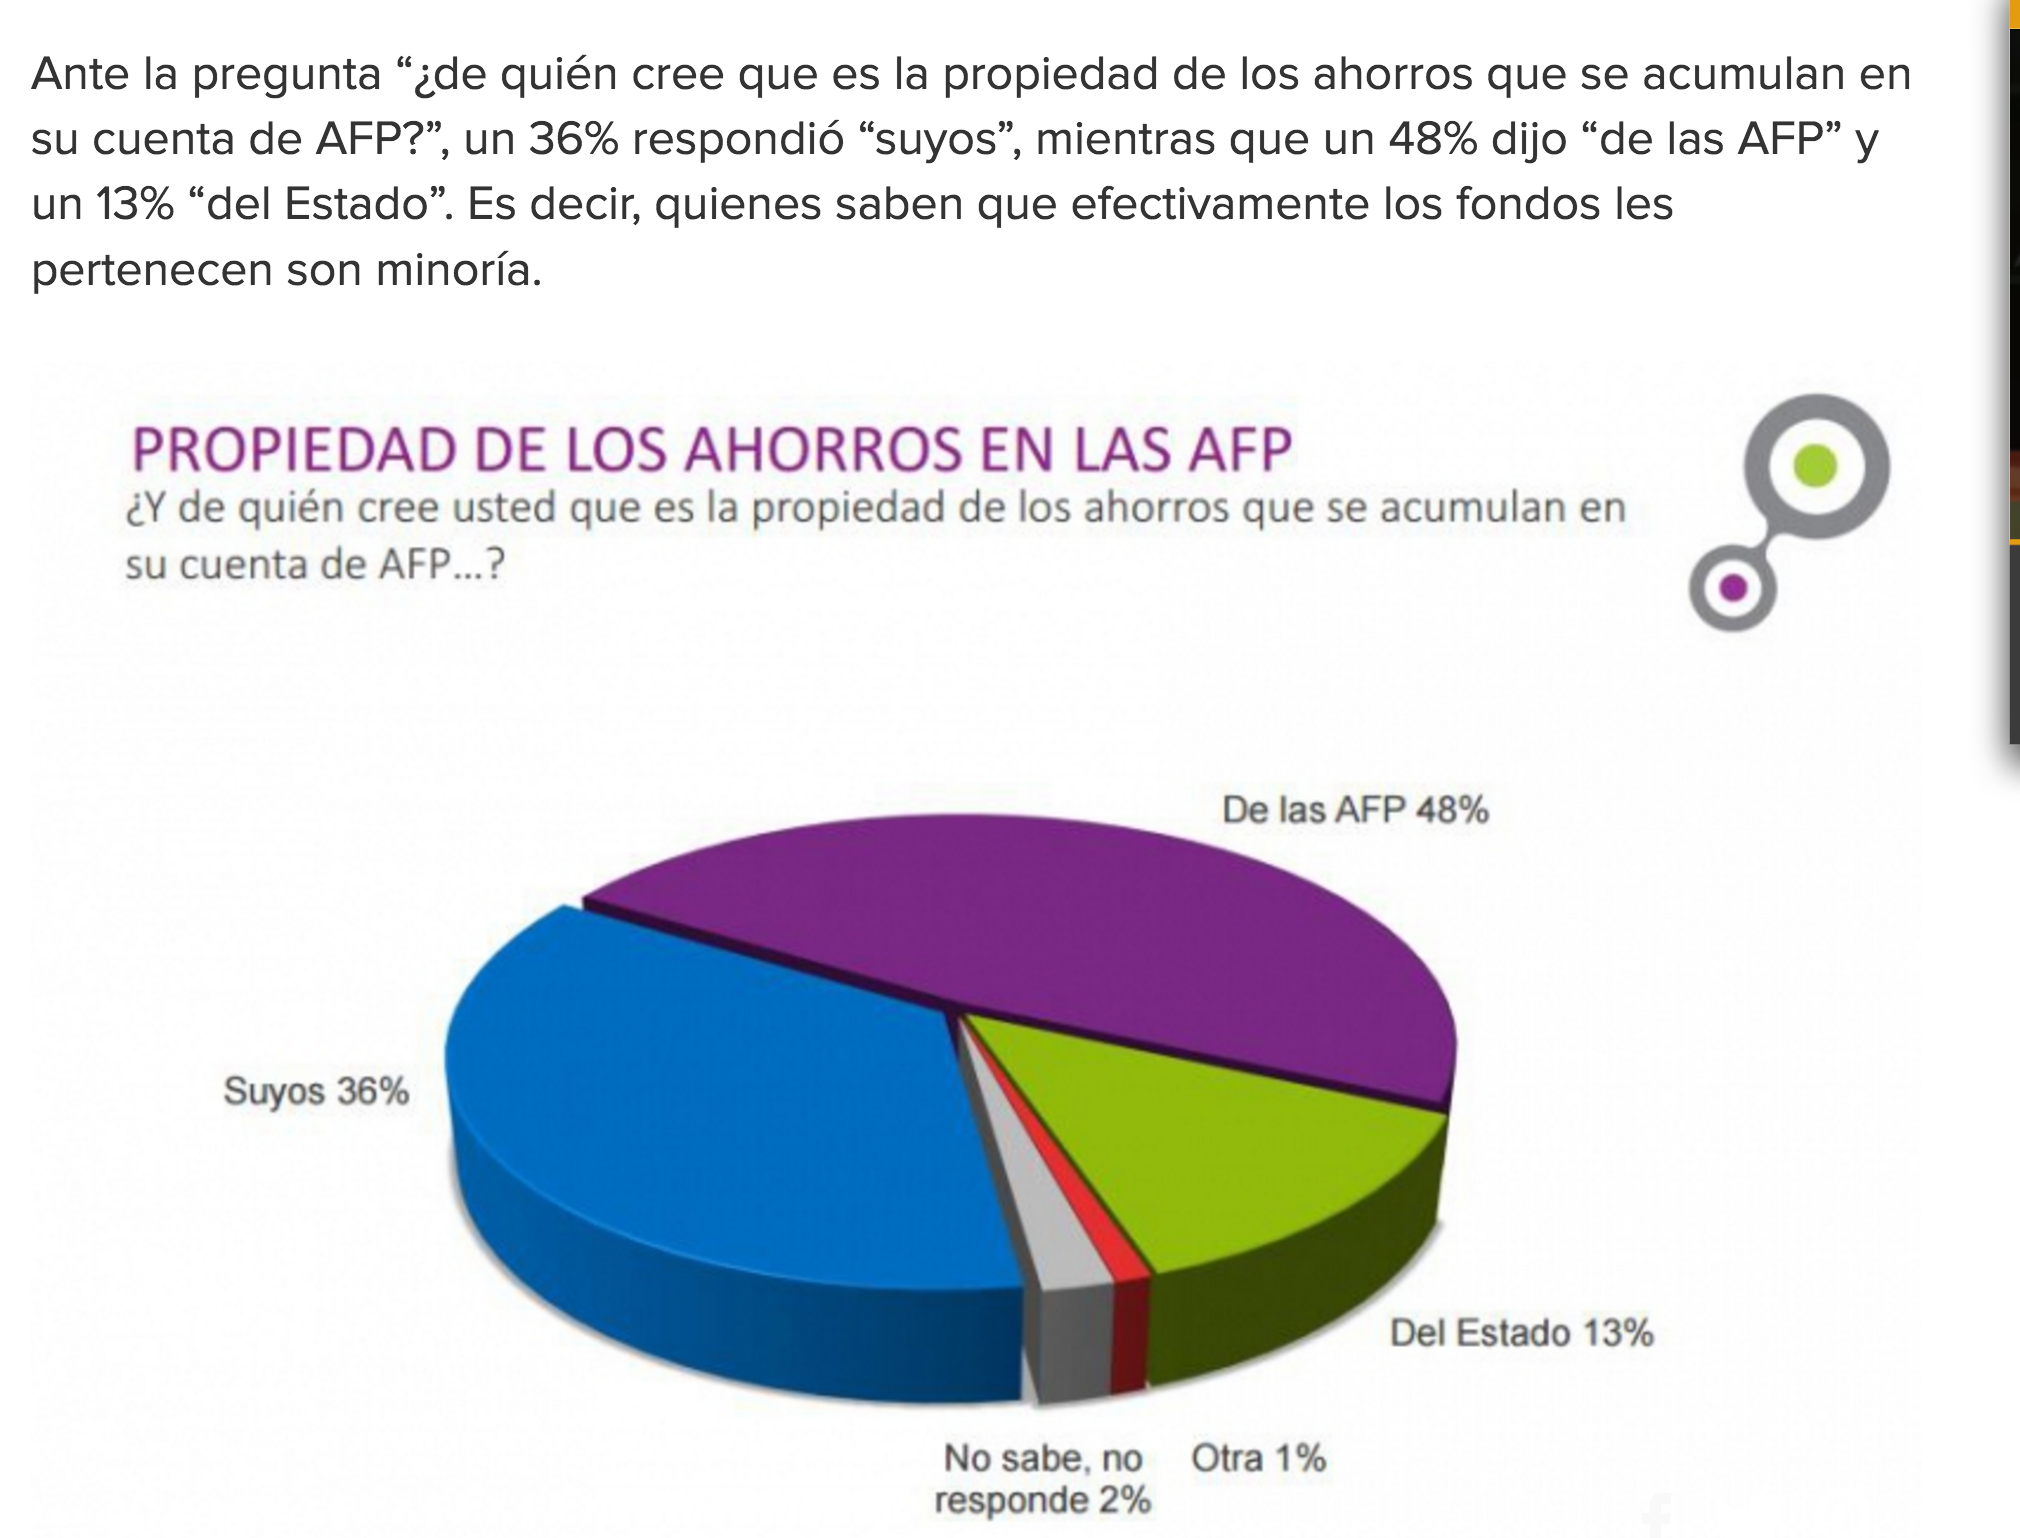 Un importante porcentaje de la población piensa que sus ahorros son de propiedad de las AFP y un 13% piensa que son propiedad del Estado.